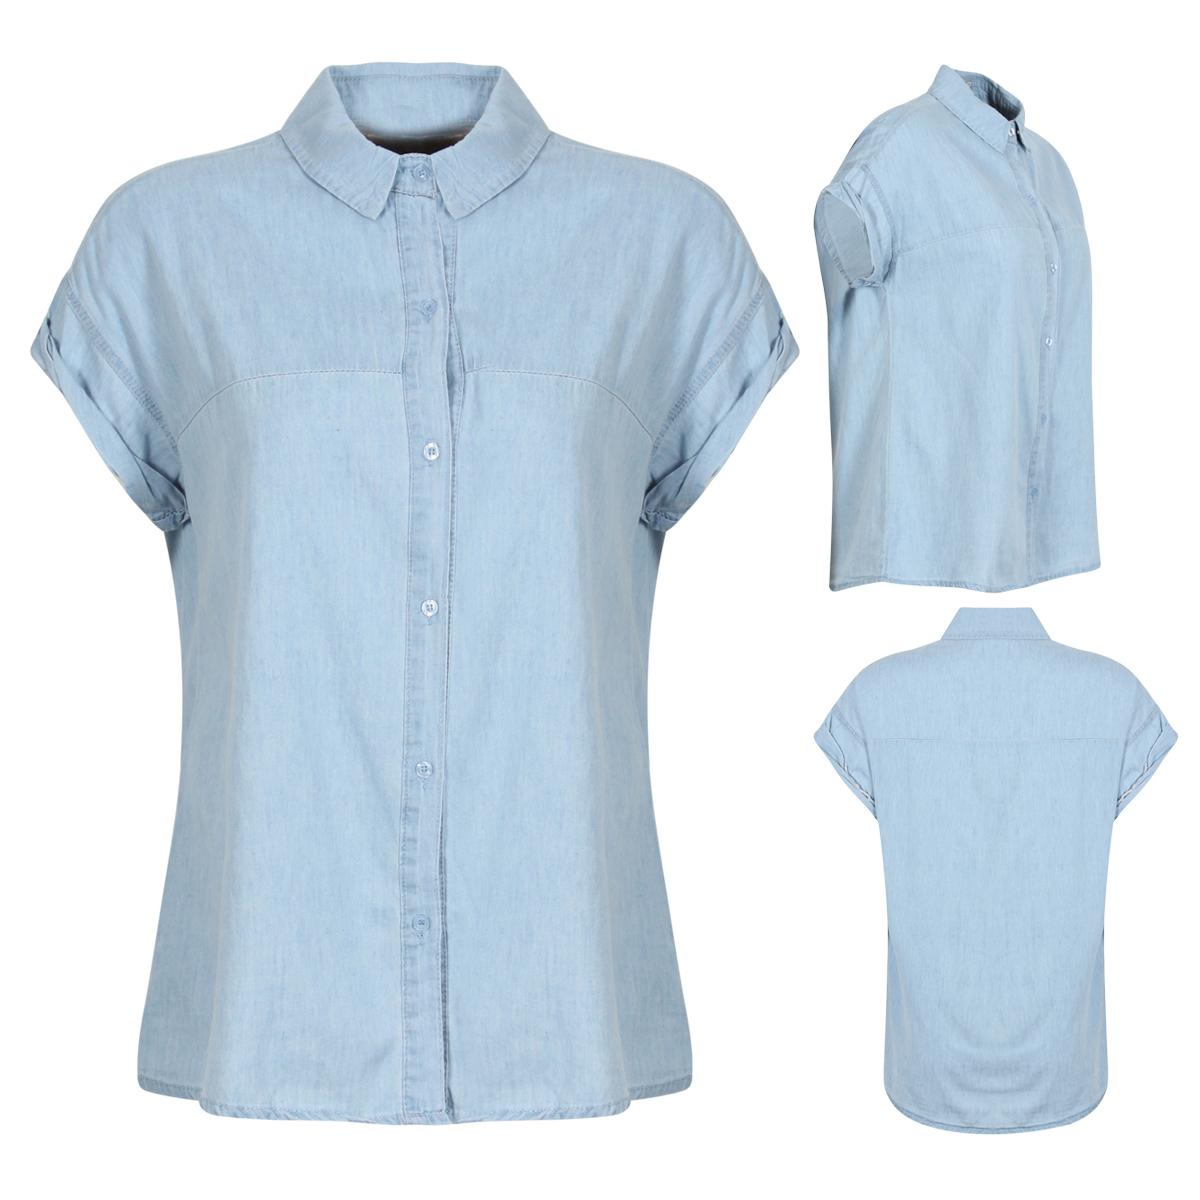 New Womens Light Blue Denim Shirt Button Up Short Cap